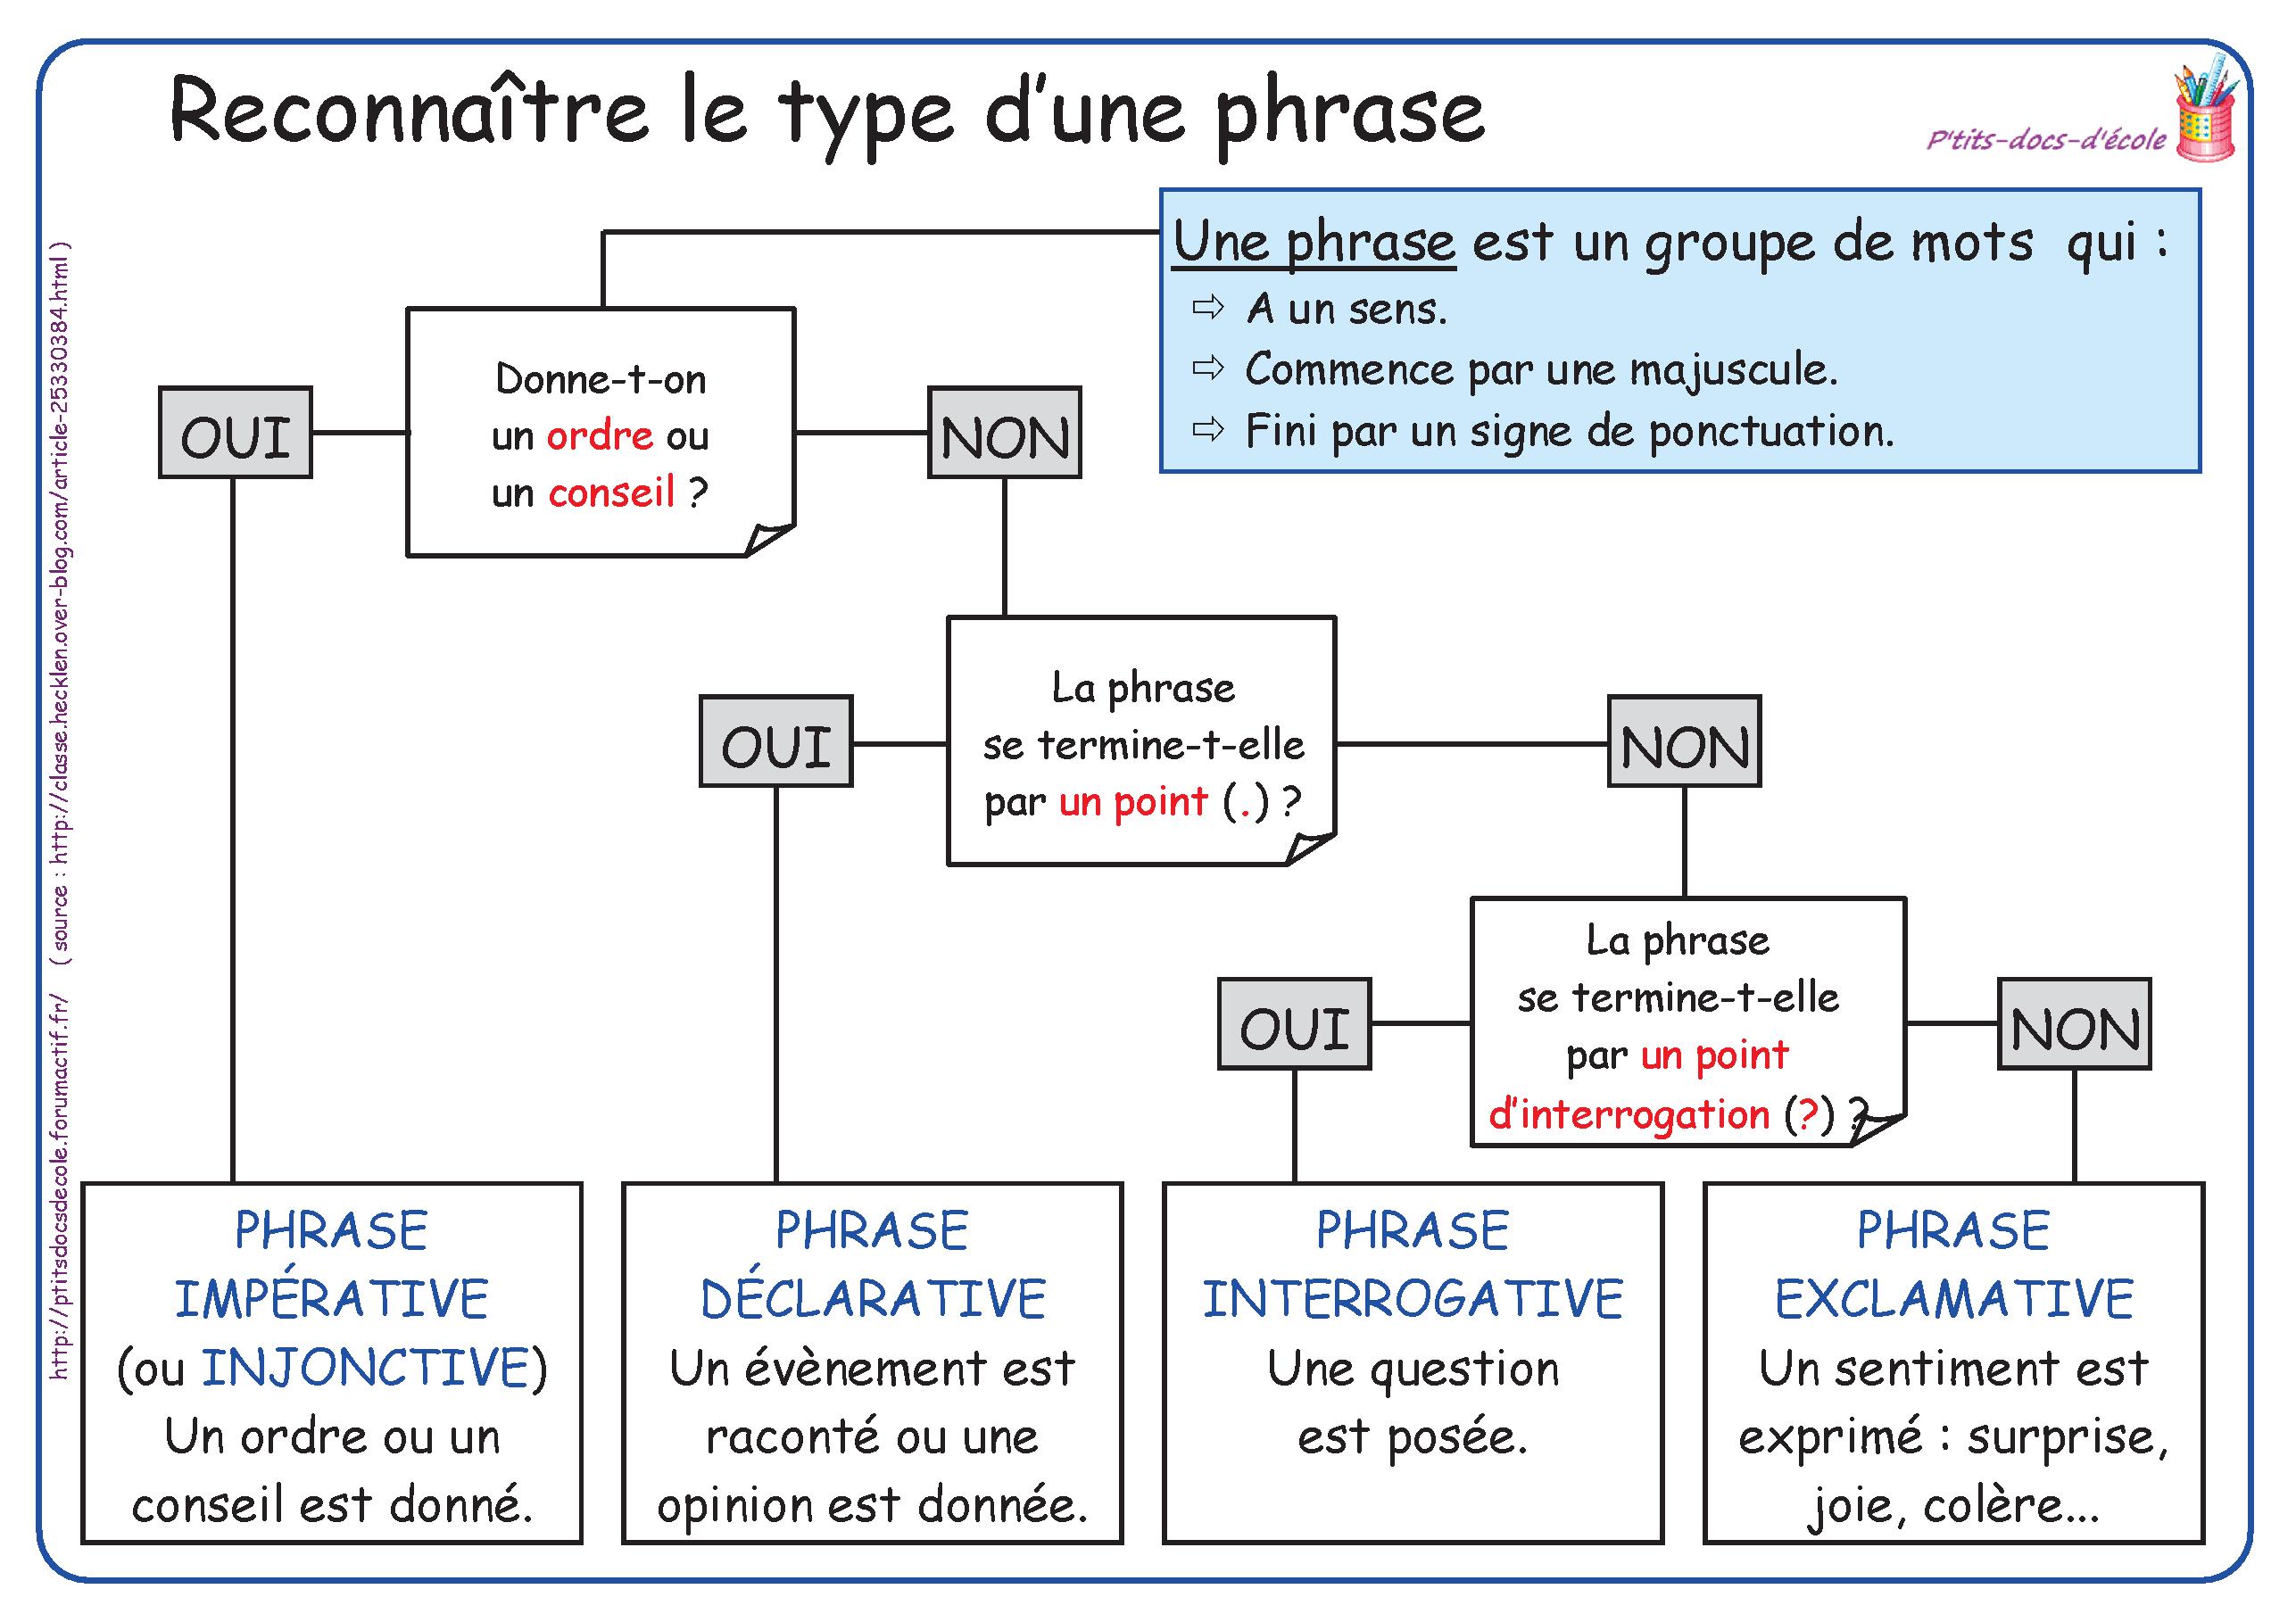 Un référent simple pour reconnaître les différents types de phrases. | Types de phrases ...